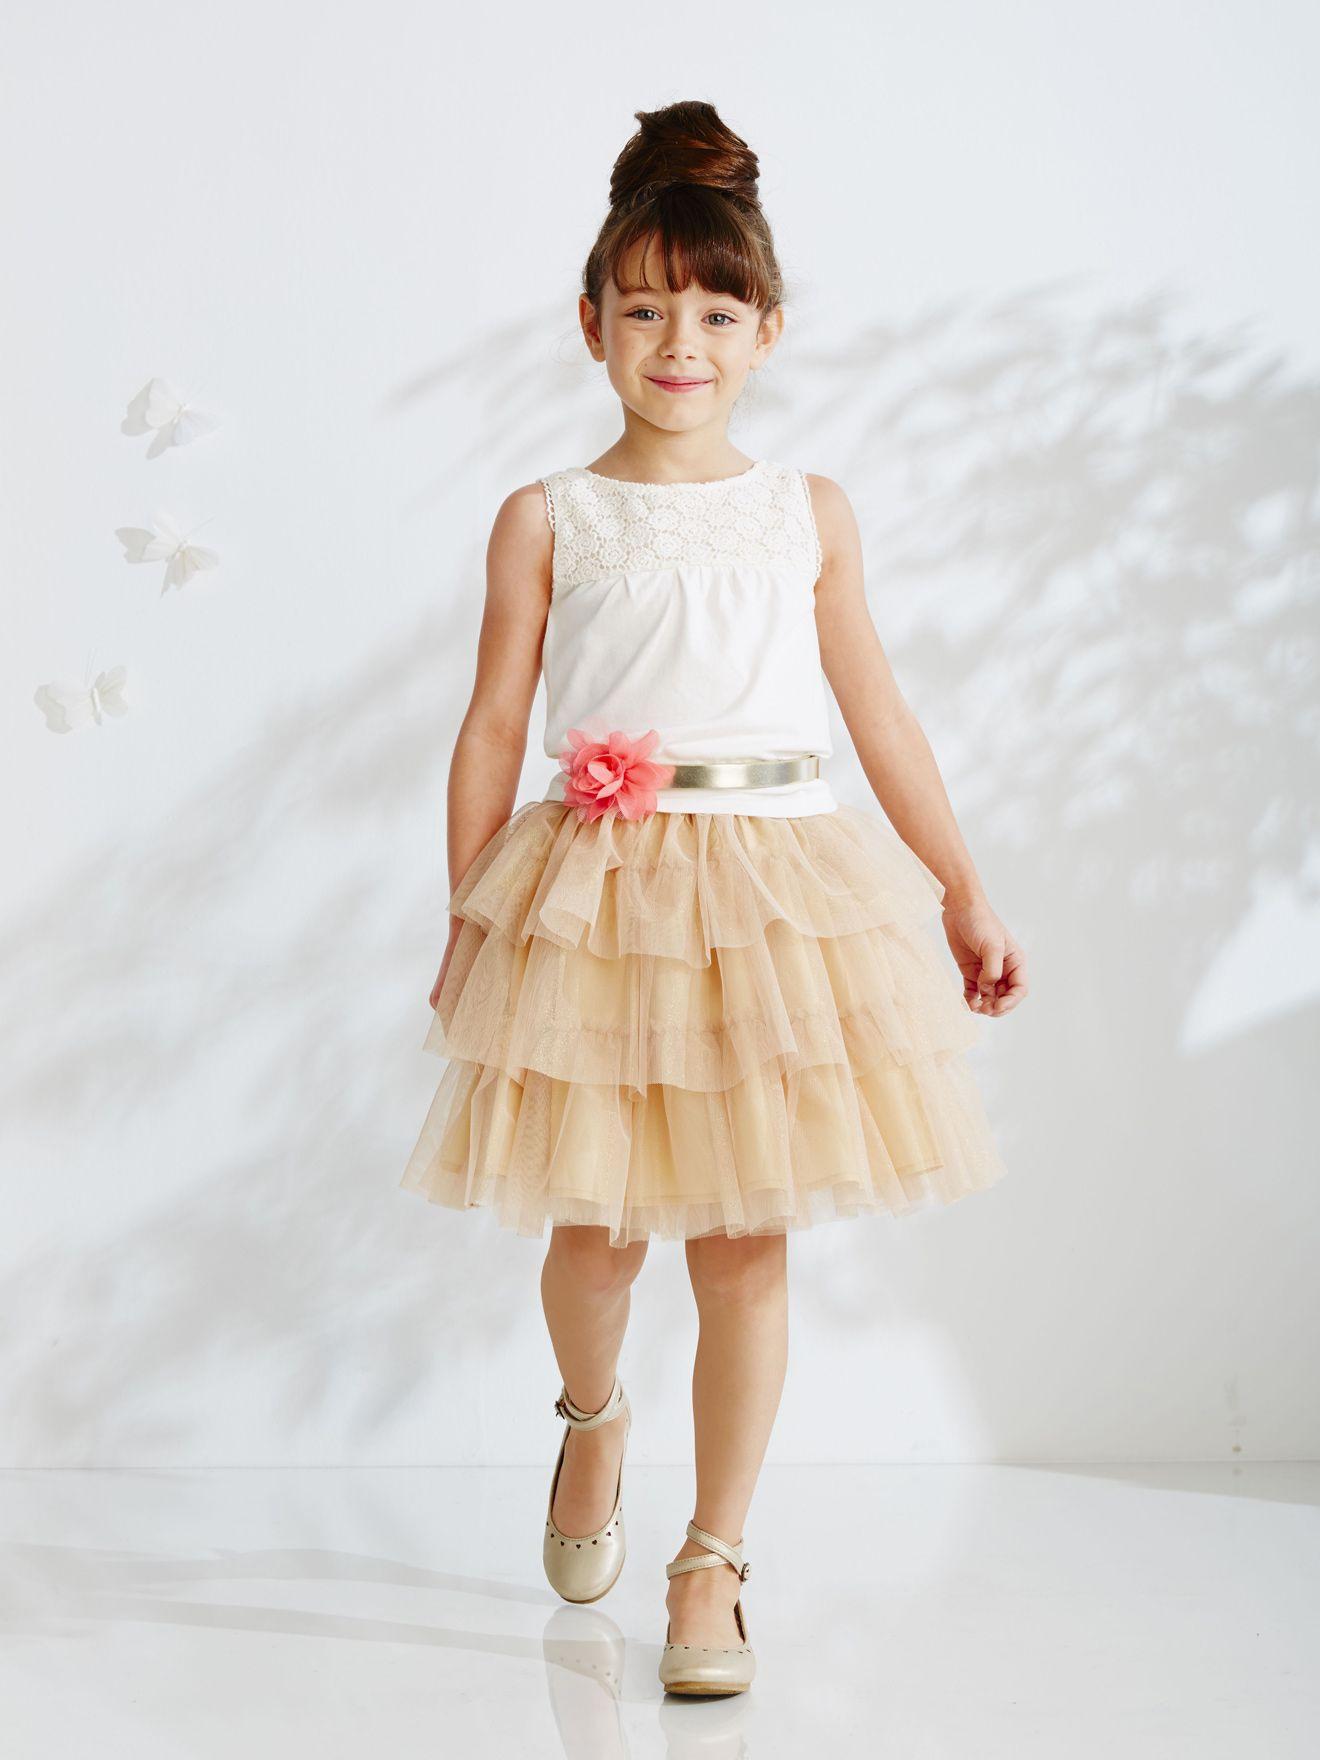 festliche kleidung für kinder bei hochzeiten wunsch - abendkleid